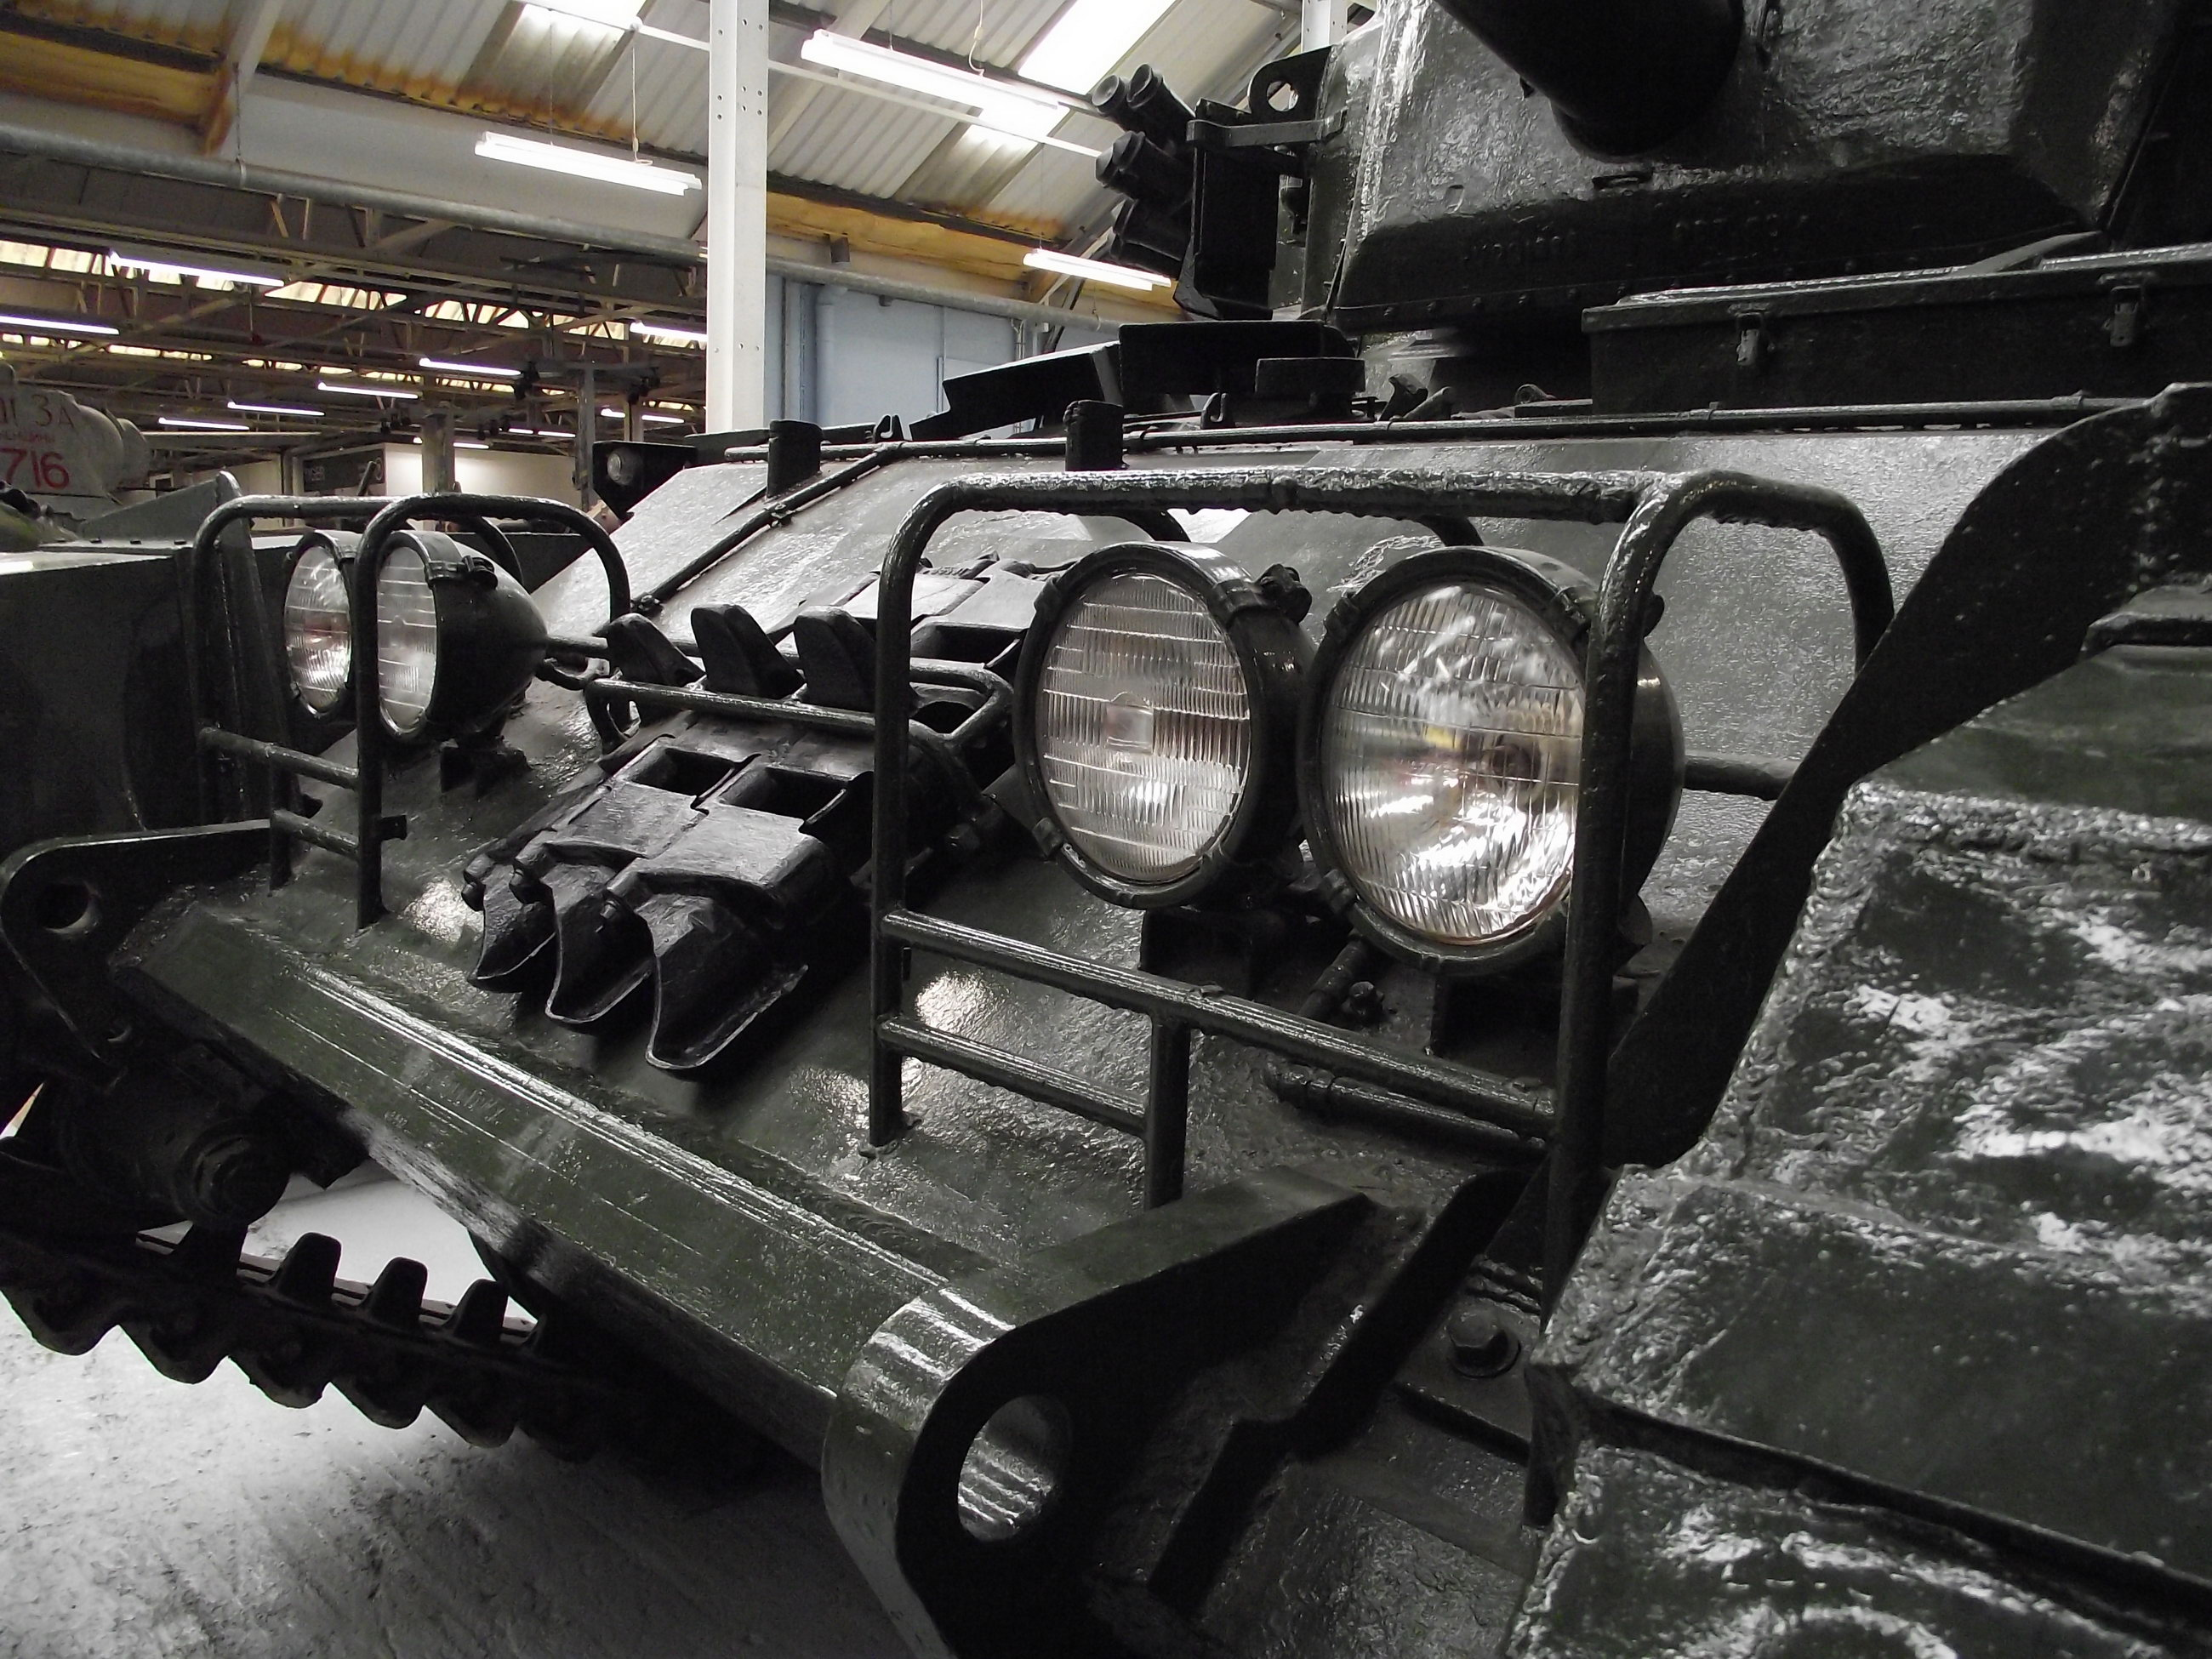 Tank_Museum_20180919_240.jpg